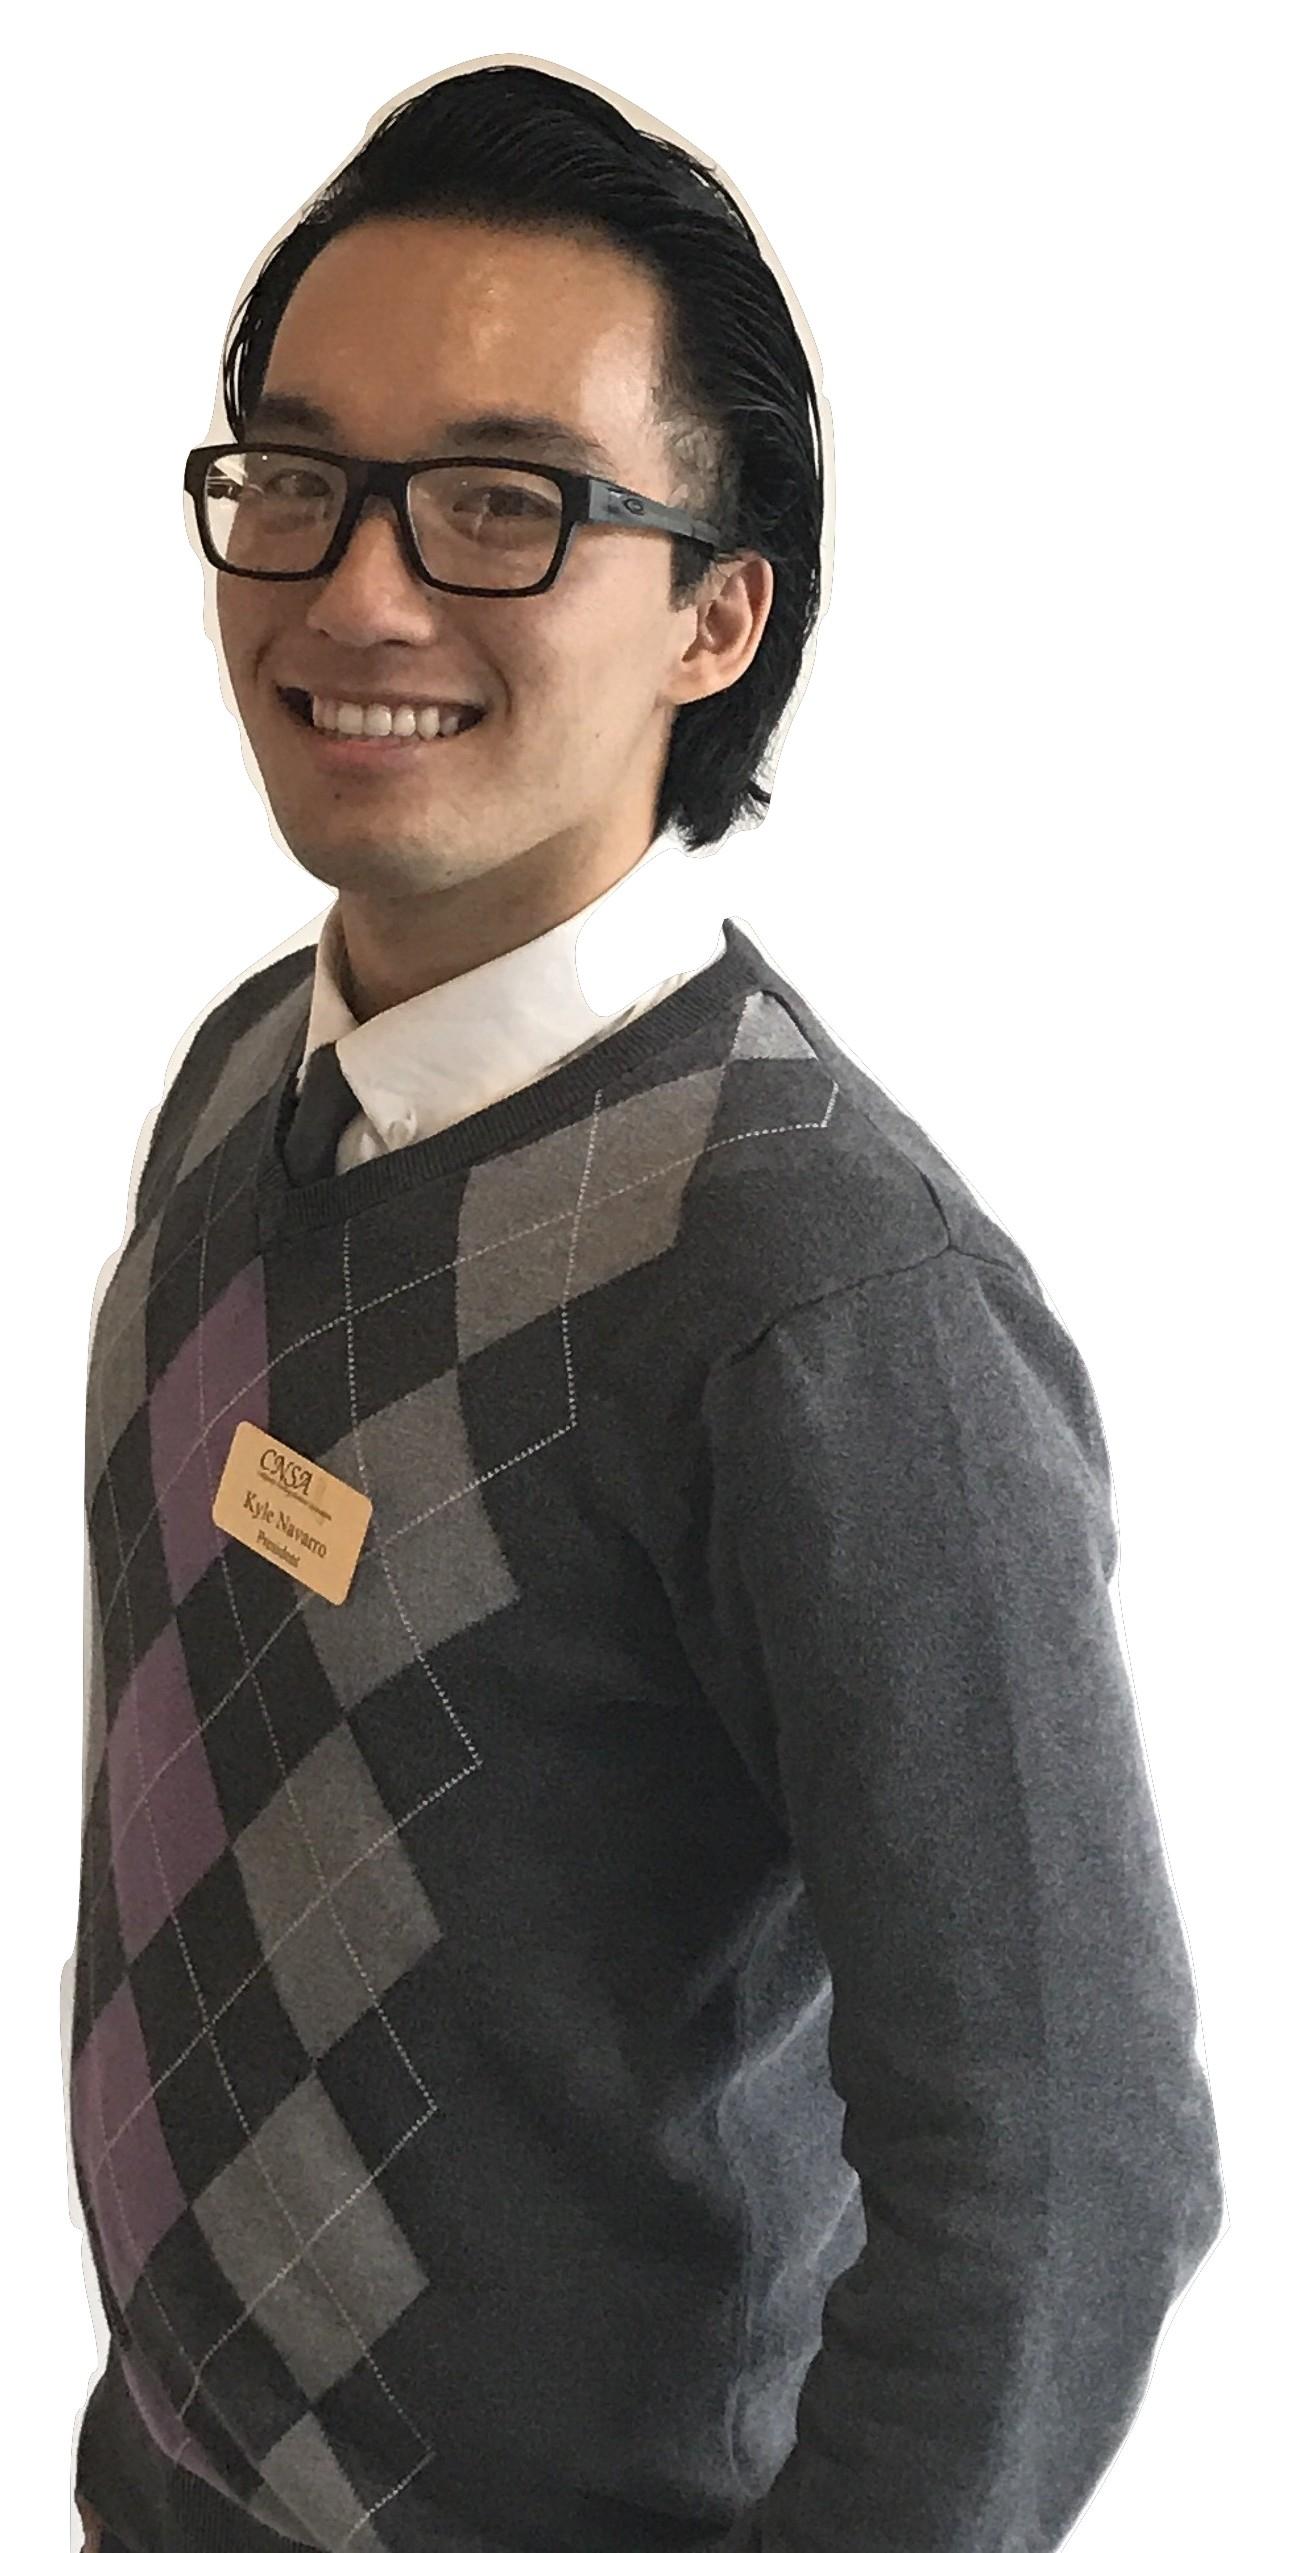 Kyle Navarro